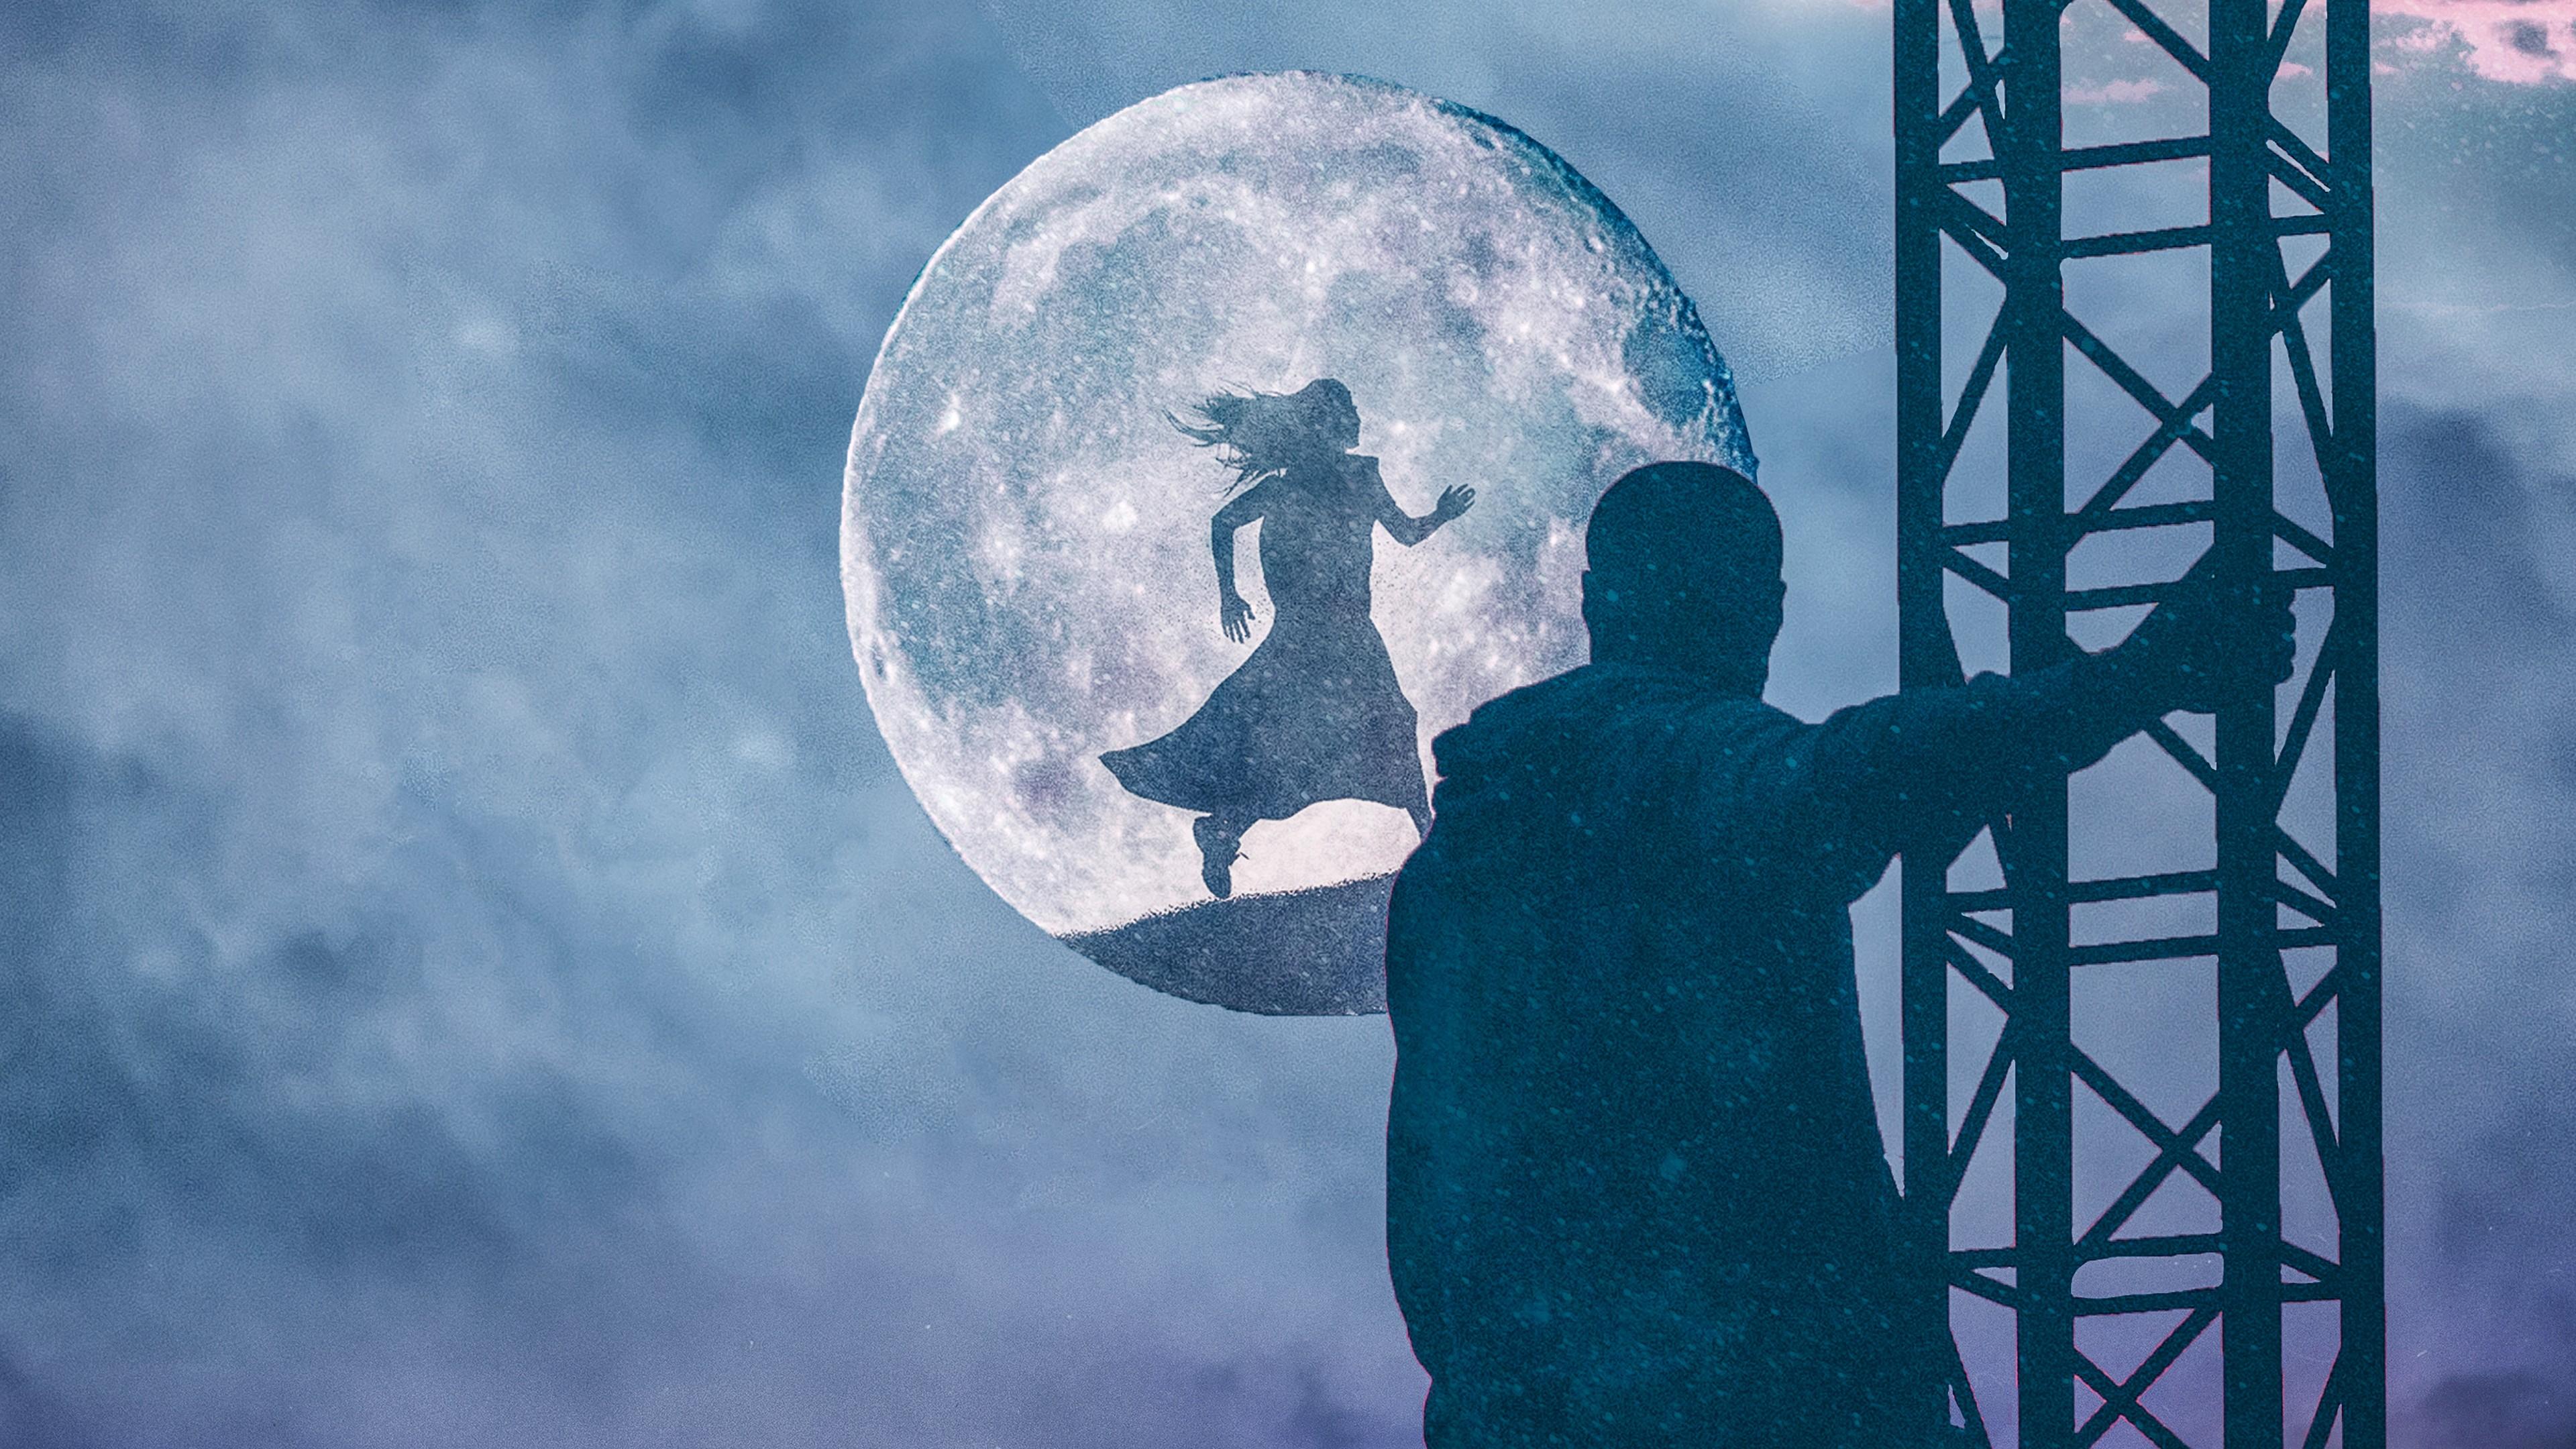 Лестница в небеса с влюбленным и луна с силуэтом девушки